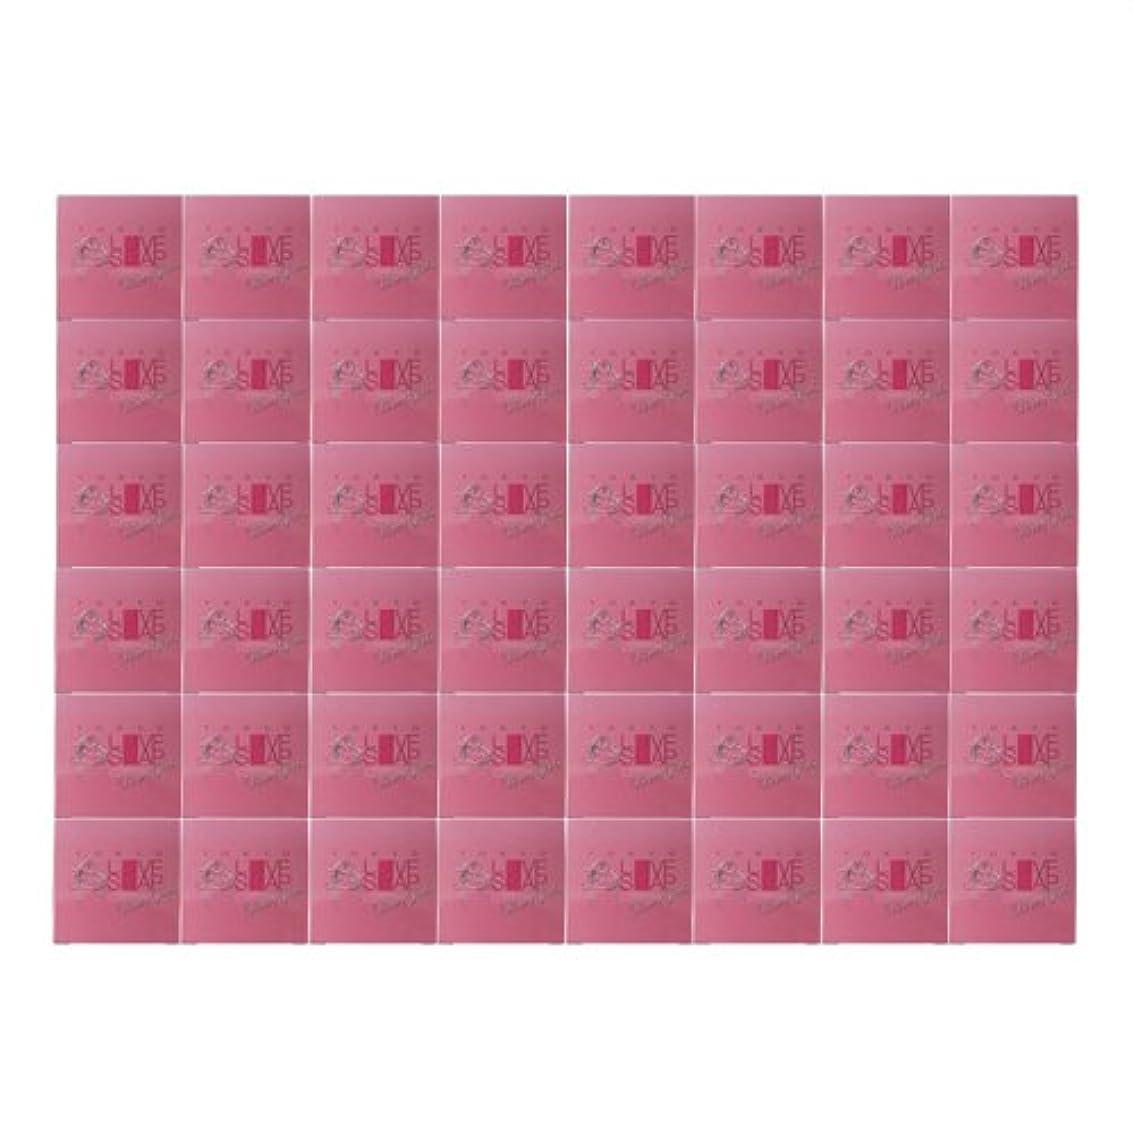 概要コンプリート雲東京ラブソープ ピュアガールズ (80g) 1ケース(48個入り)